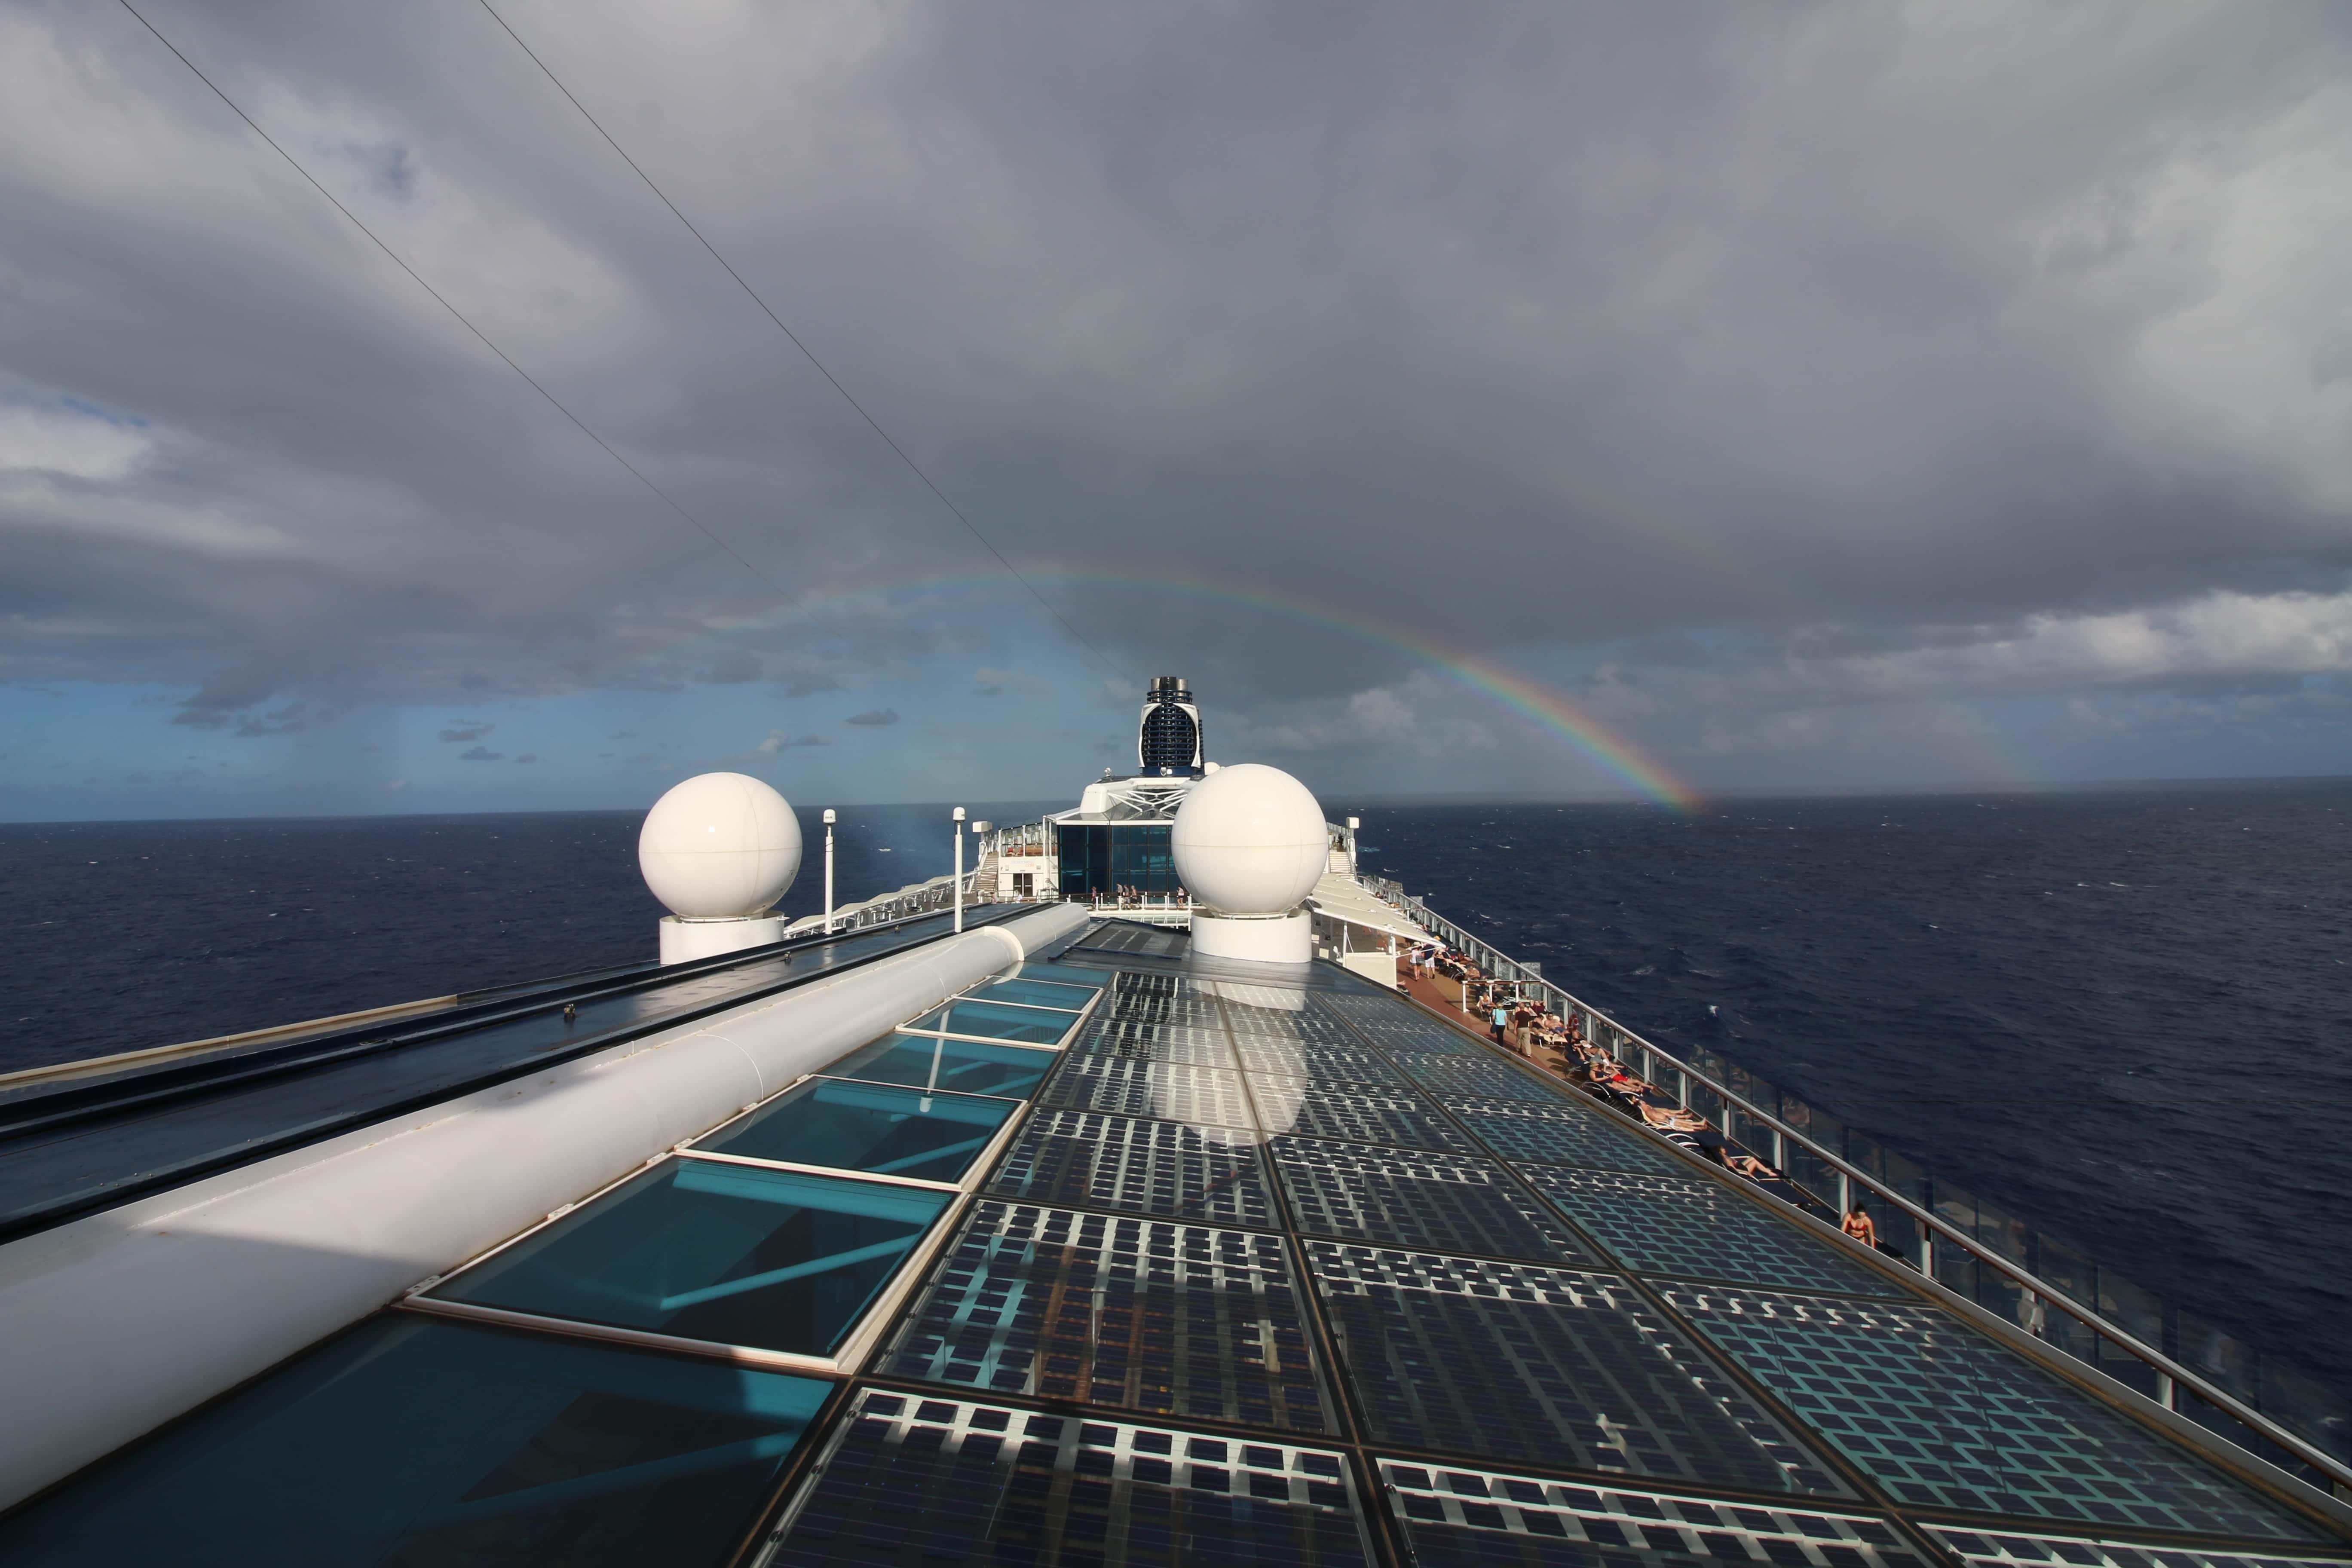 celebrity equinox rainbow